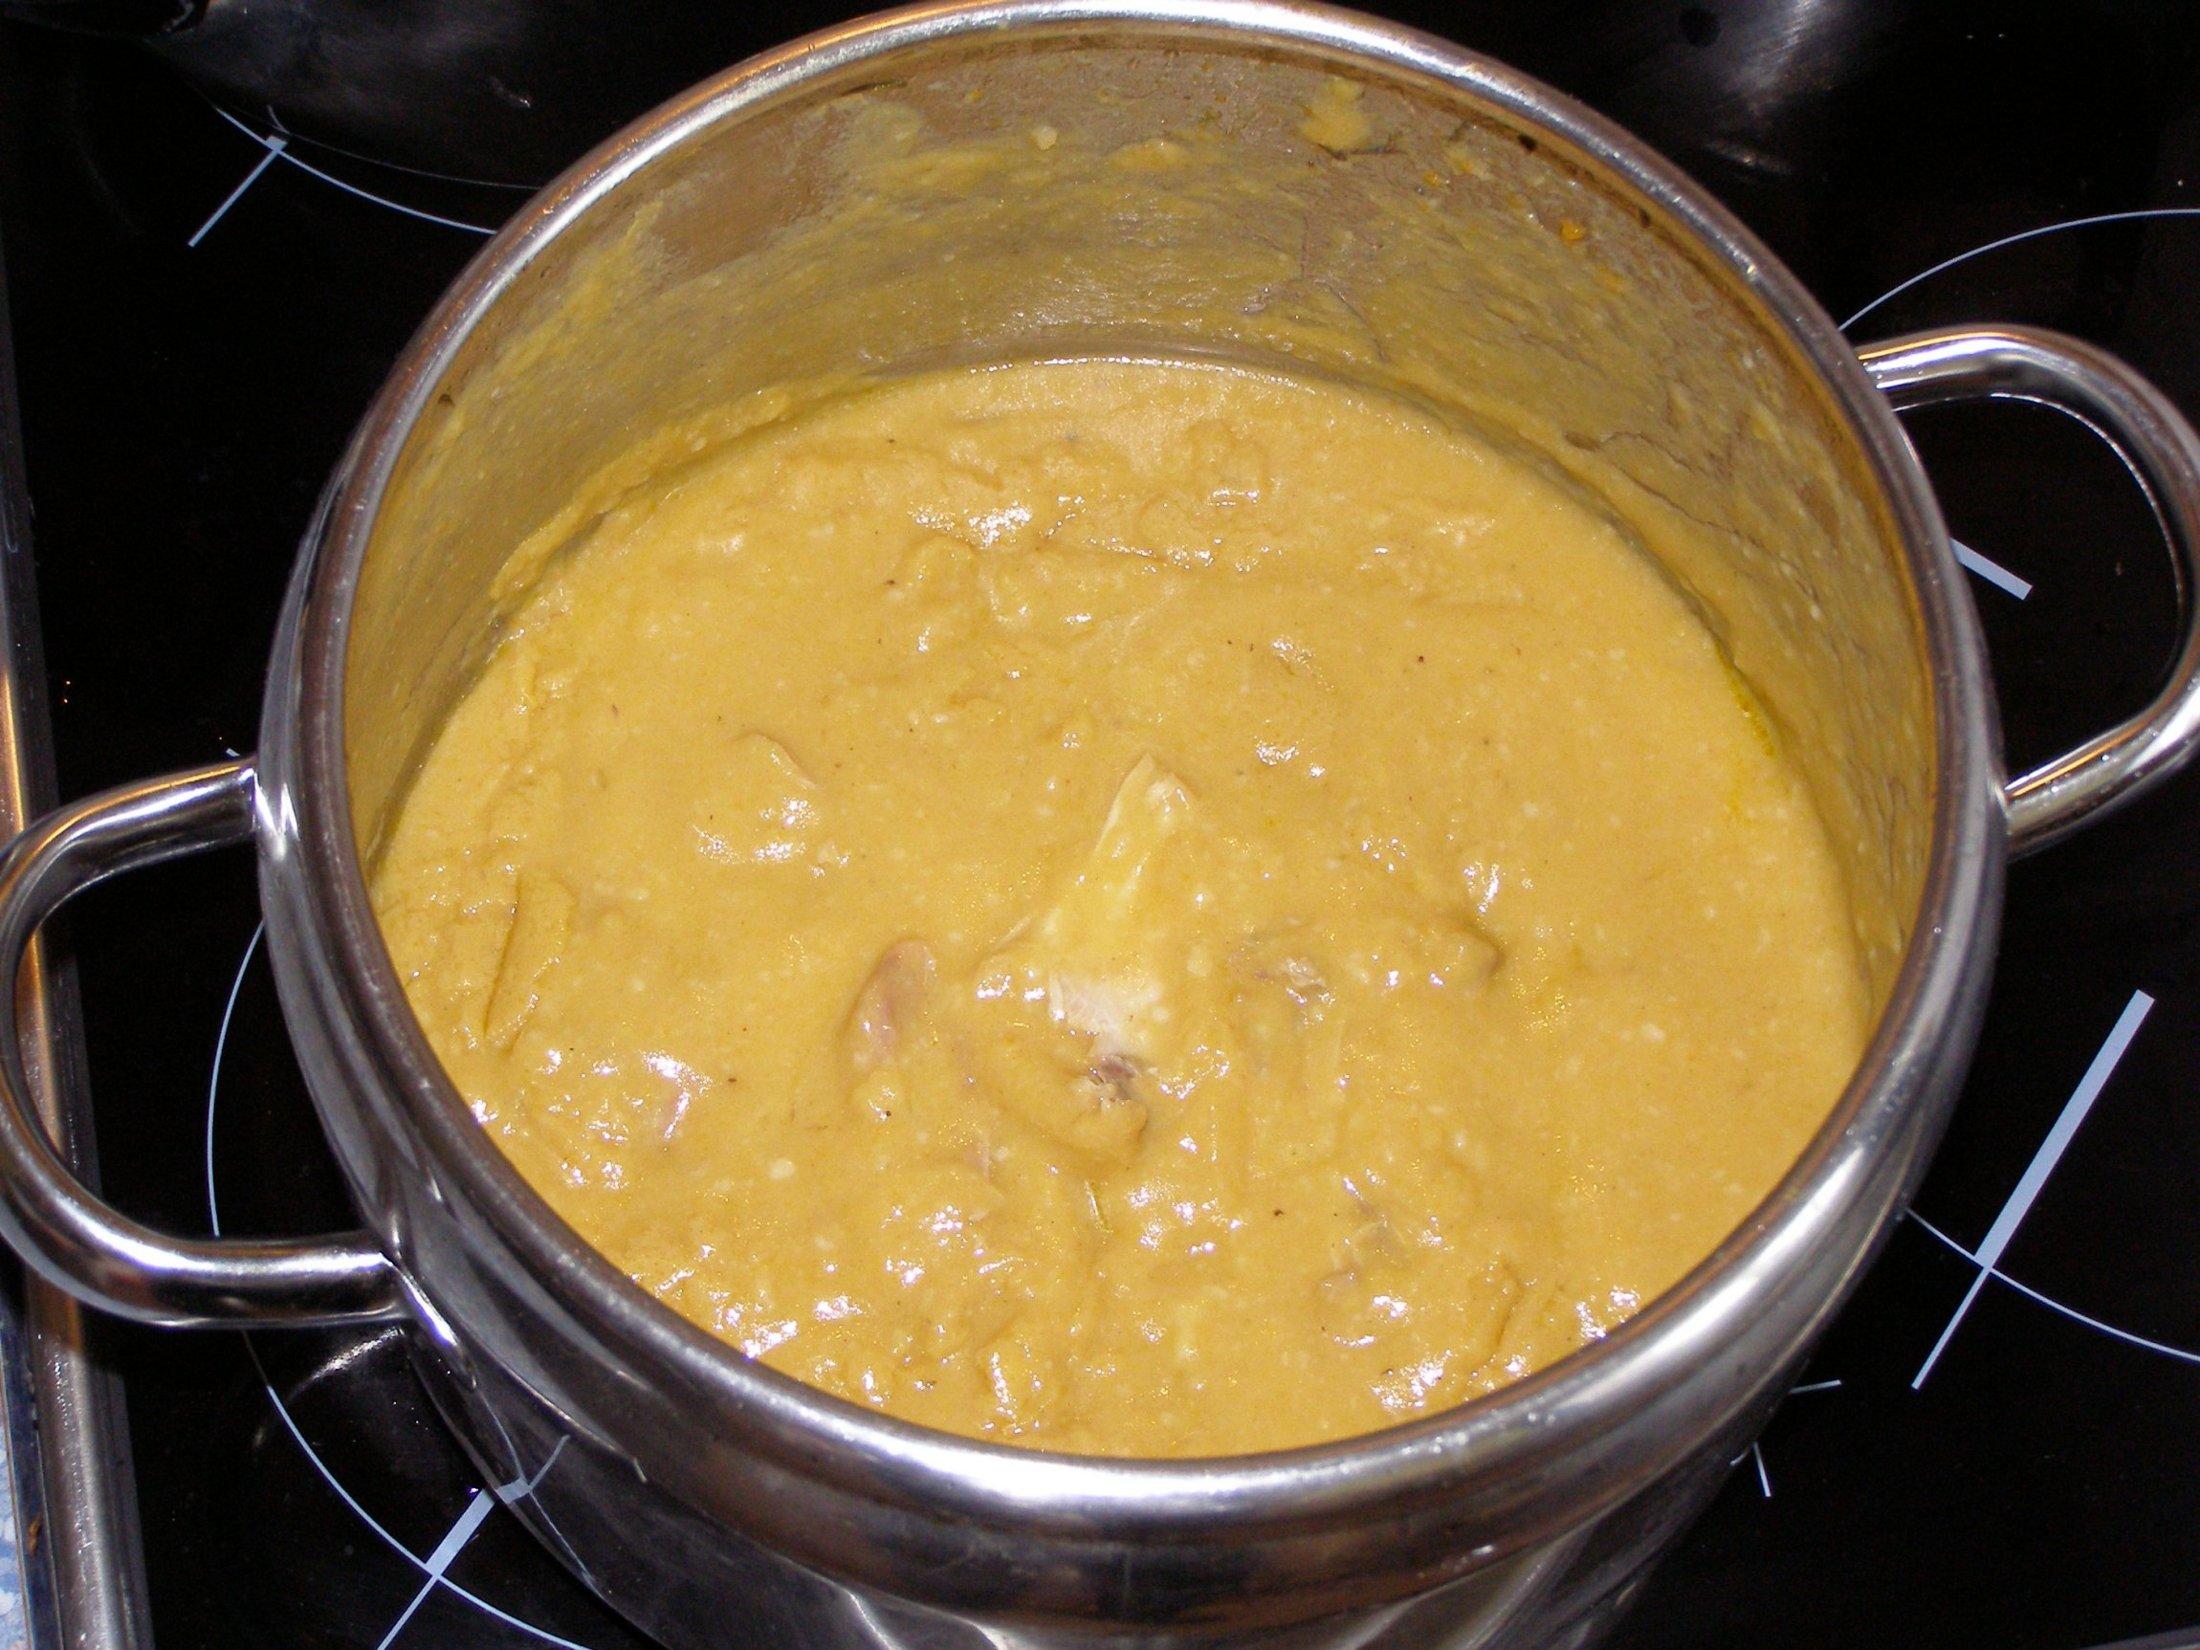 Recept Svíčková z králíka - Hotová svíčková - správná barva, tak jak to má vypadat.